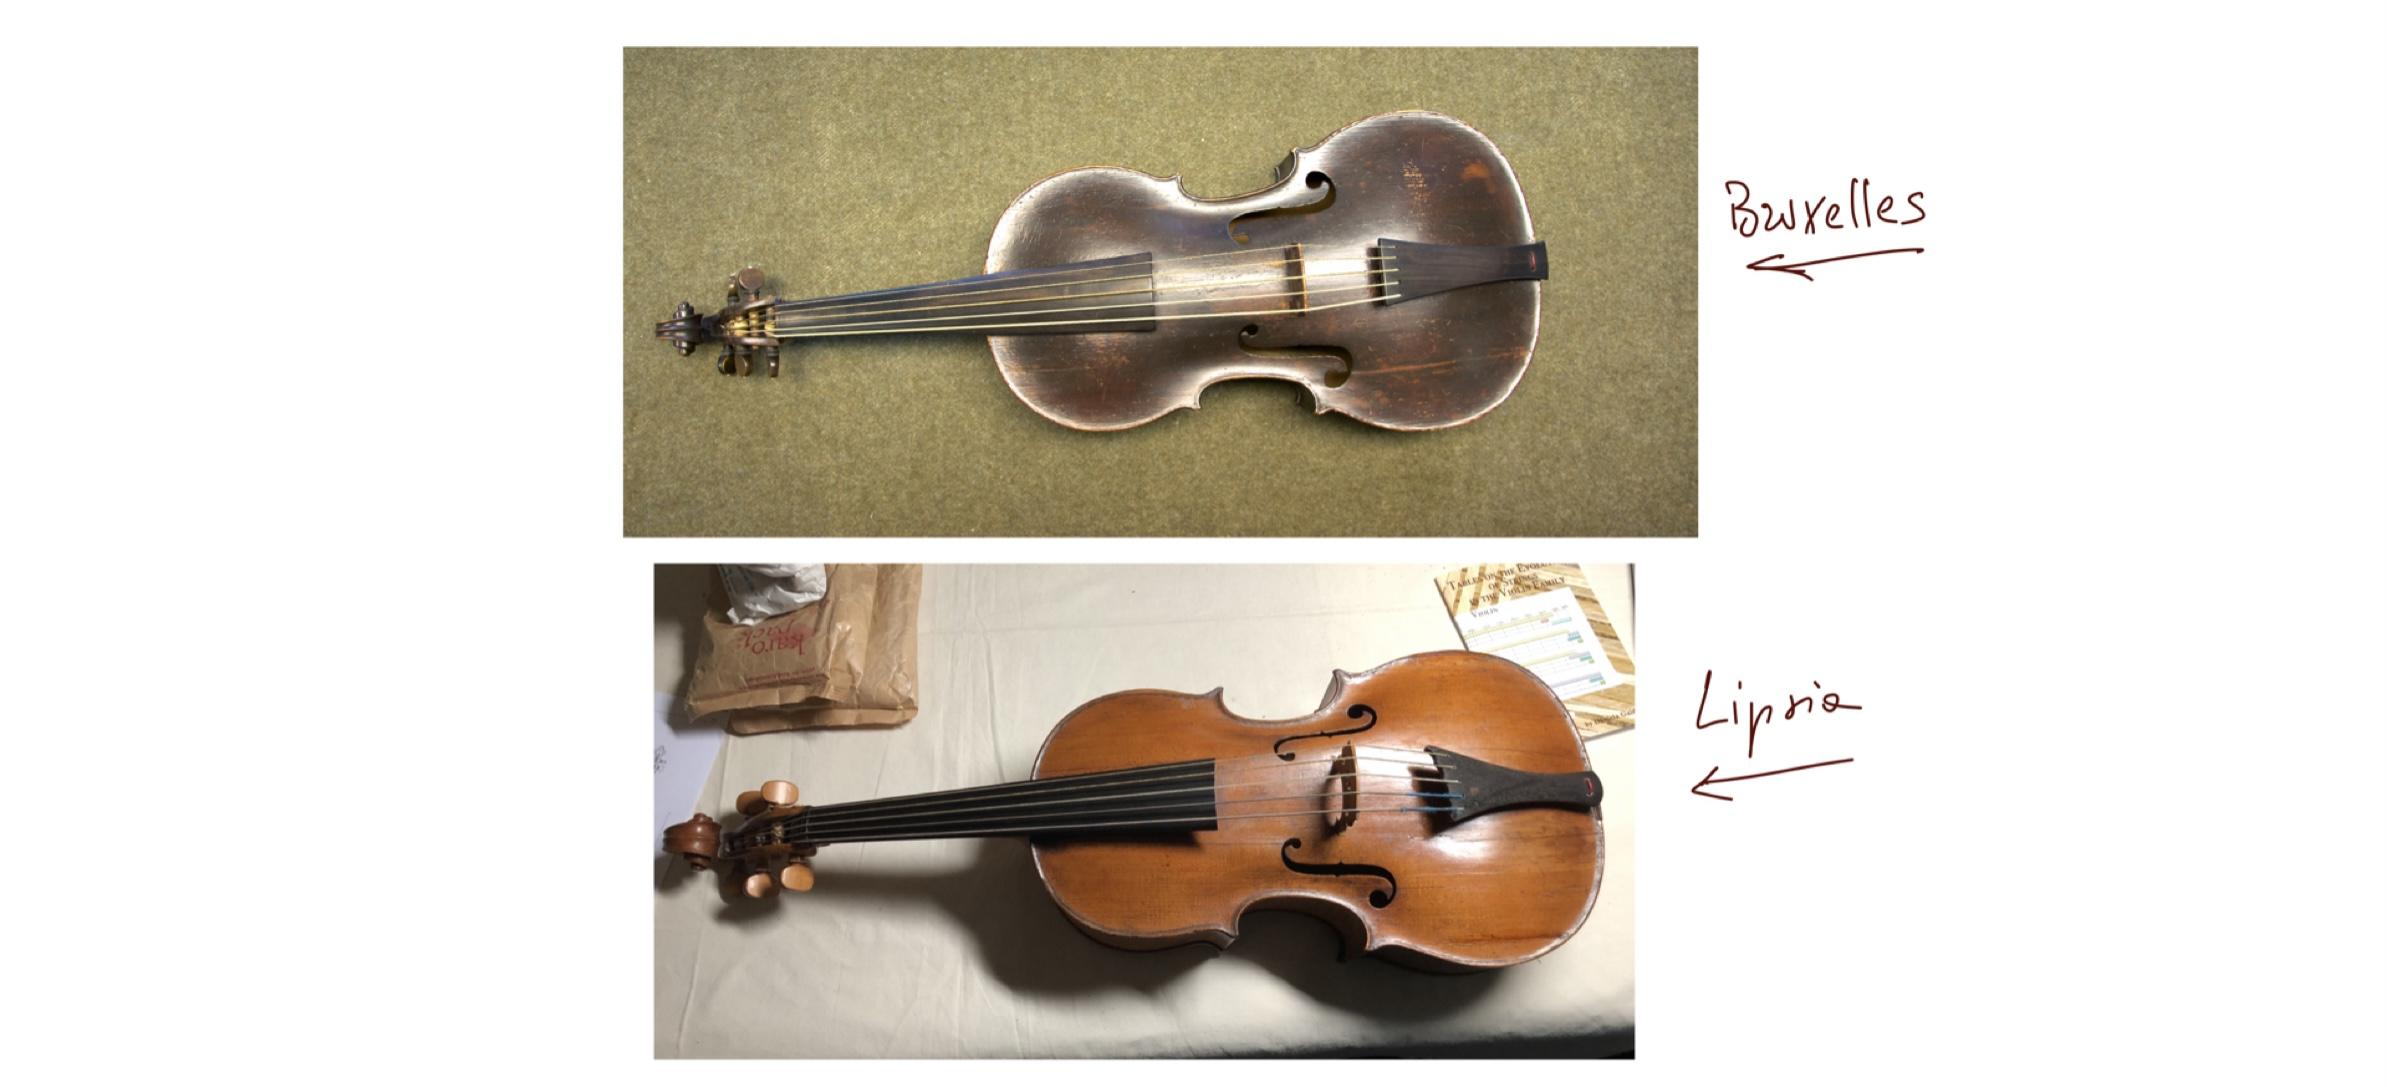 Confronto violoncello piccolo j. Ch. Hoffmann Lipsia e bruxelles